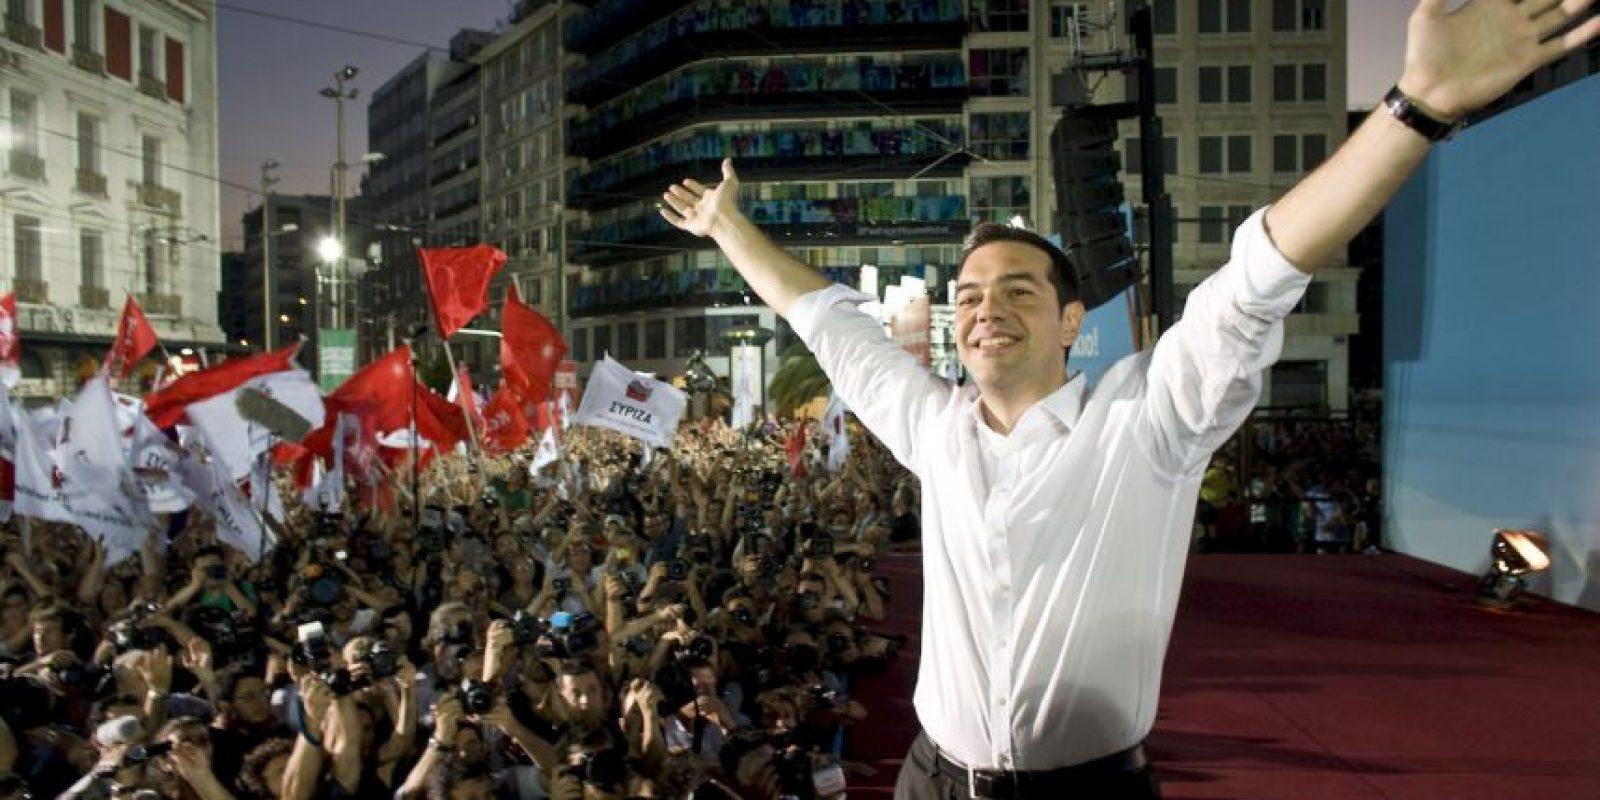 """1. """"Si los griegos quieren continuar con los planes de austeridad a perpetuidad, que no nos dejará levantar nuestras cabezas, lo respetaremos, pero no lo llevaremos a cabo"""", comentó sobre la posibilidad de que el referéndum acepte las propuestas de la Troika Foto:Getty Images"""